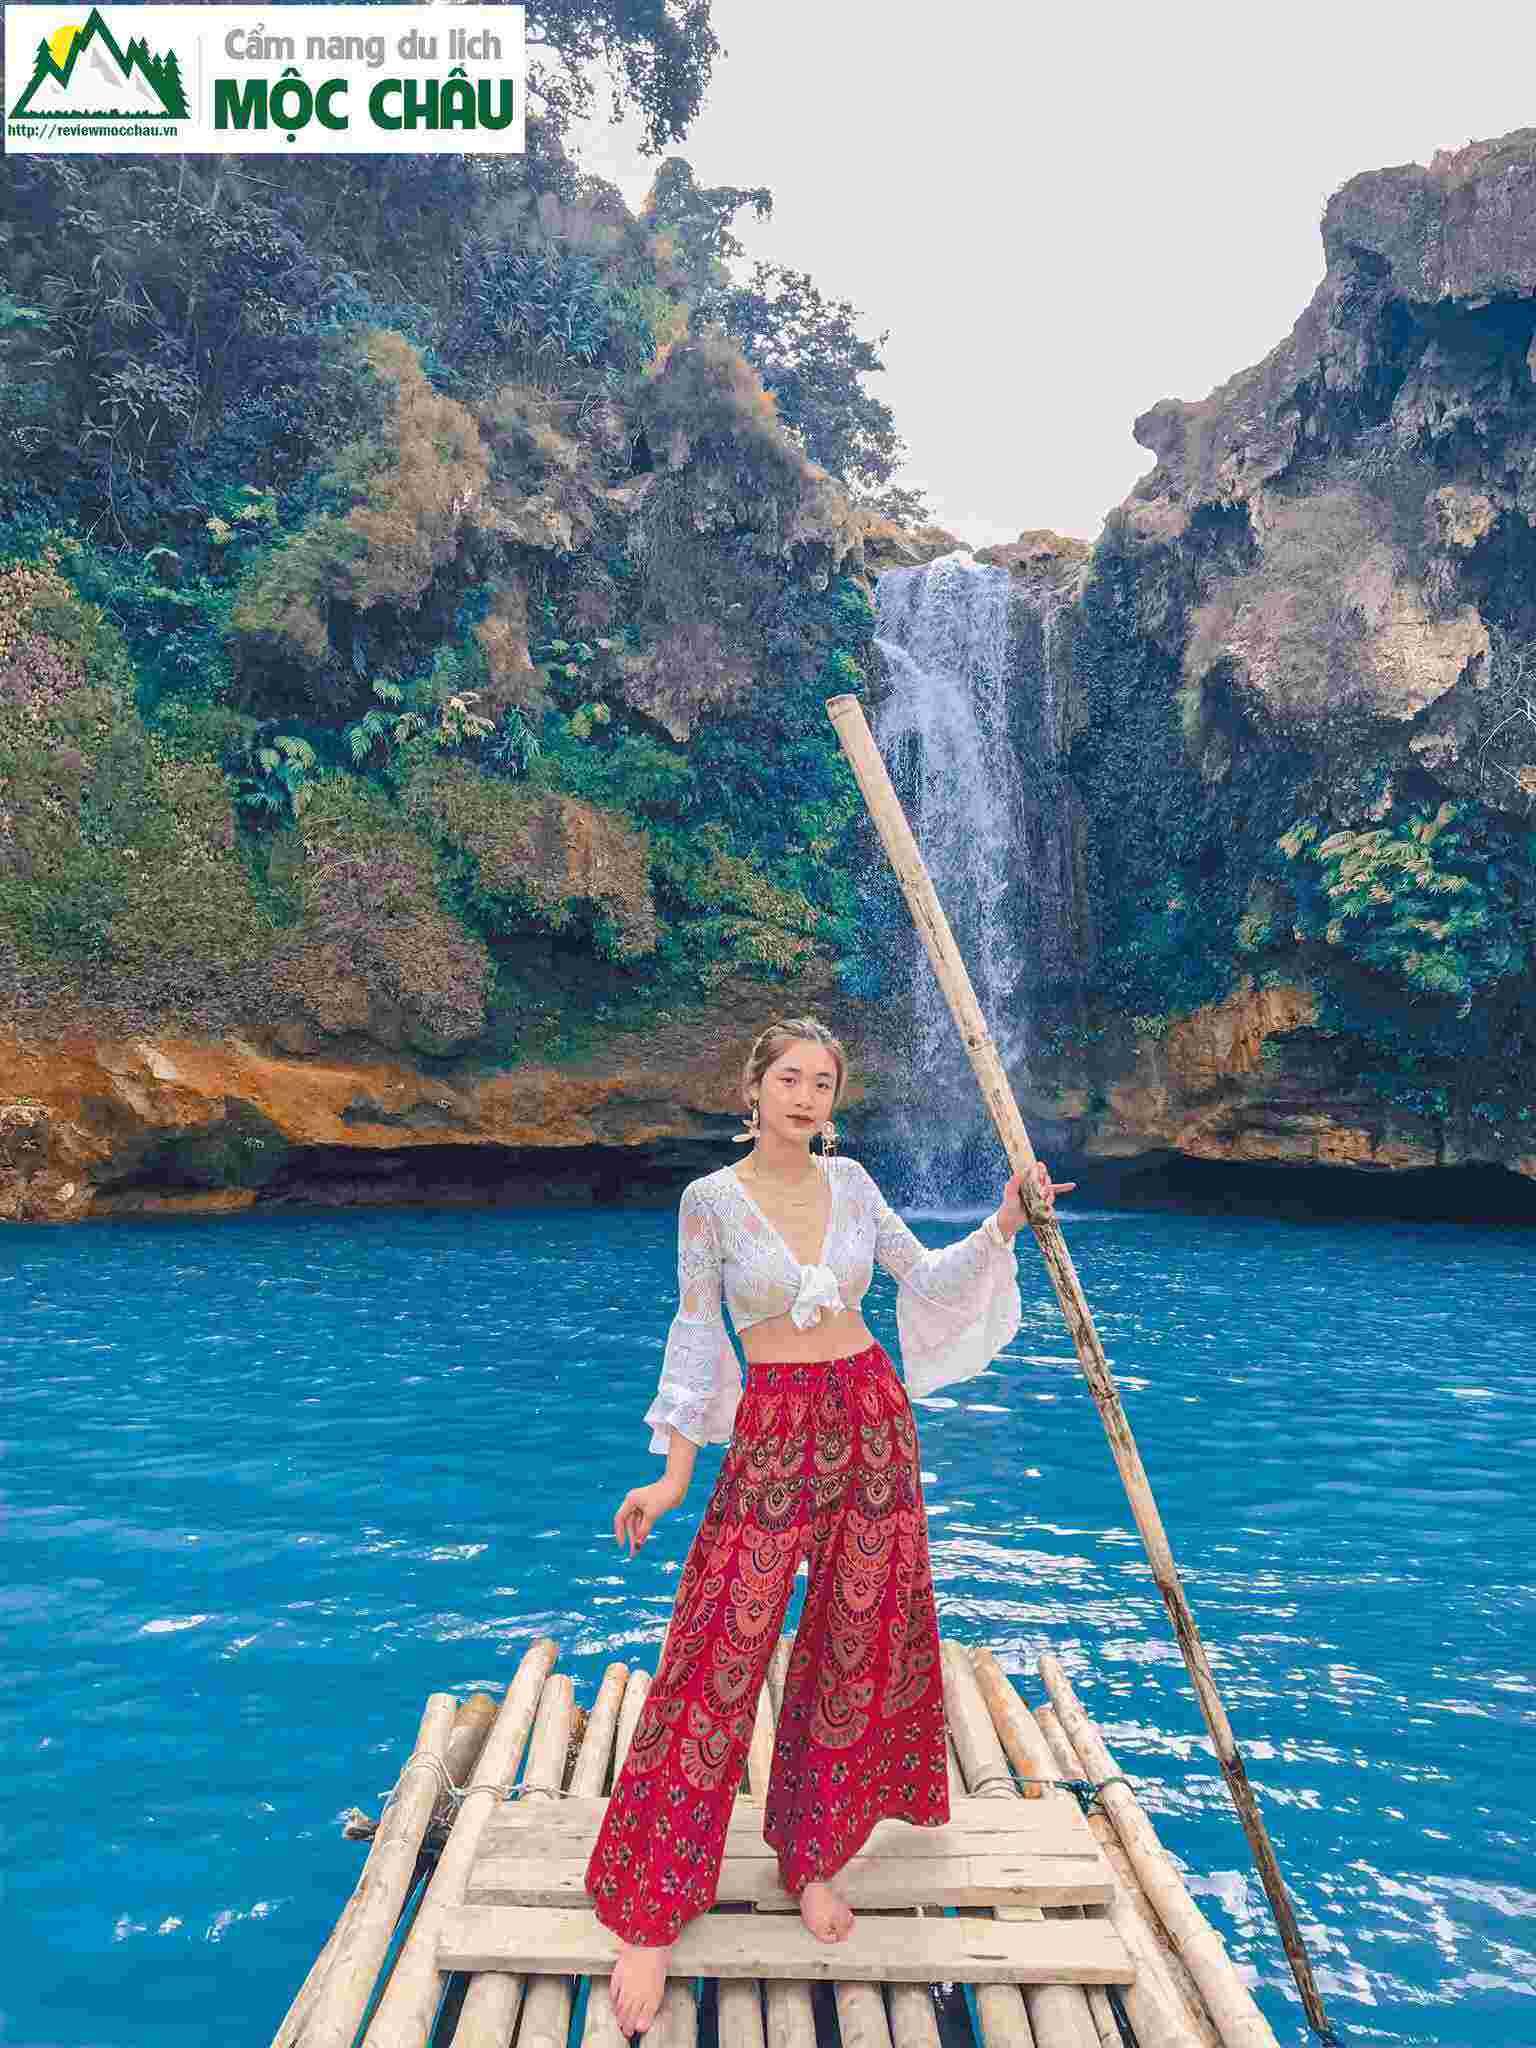 thoi trang vintage moc chau 1 212 - Tiệm cho thuê trang phục, phụ kiện boho, vintage đẹp Mộc Châu | Tiệm Nguyễn